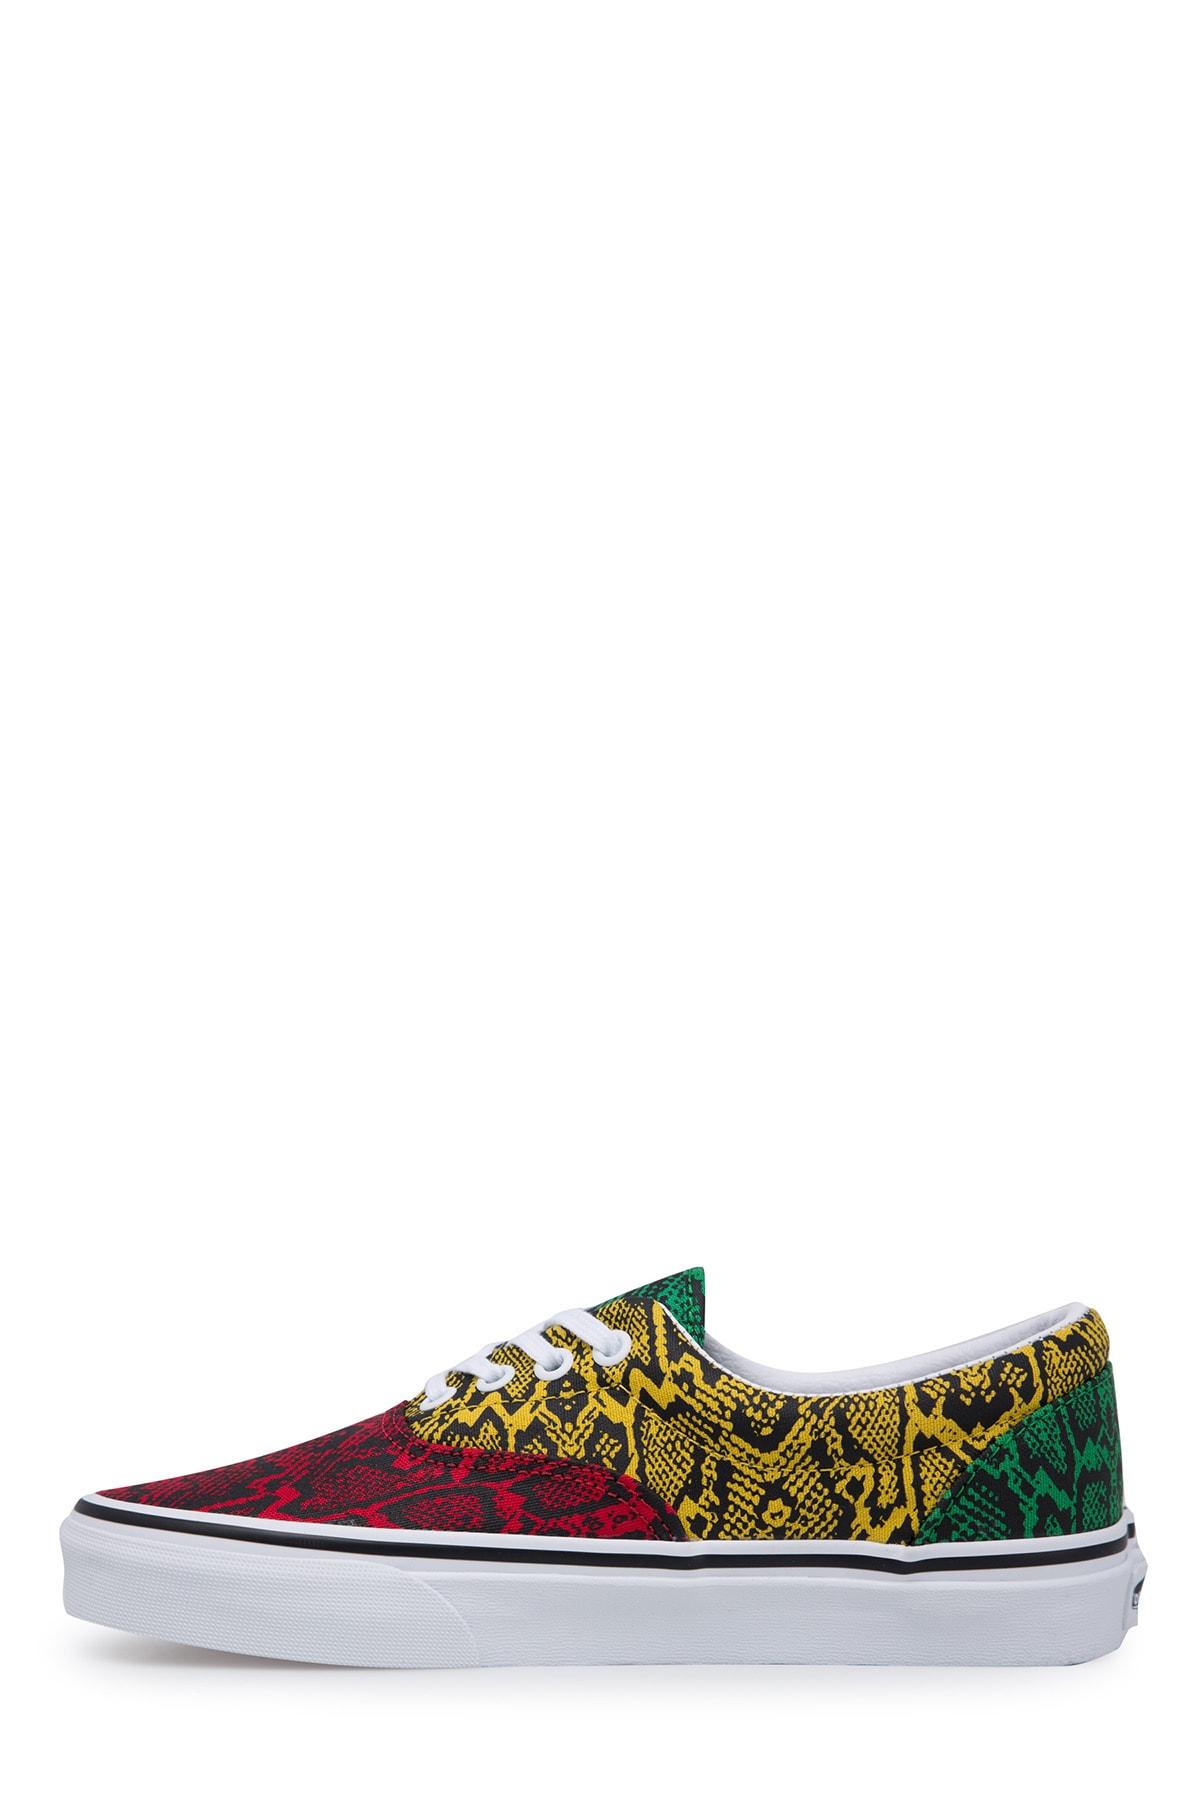 Vans UA ERA Çok Renkli Erkek Çocuk Sneaker Ayakkabı 100583598 2